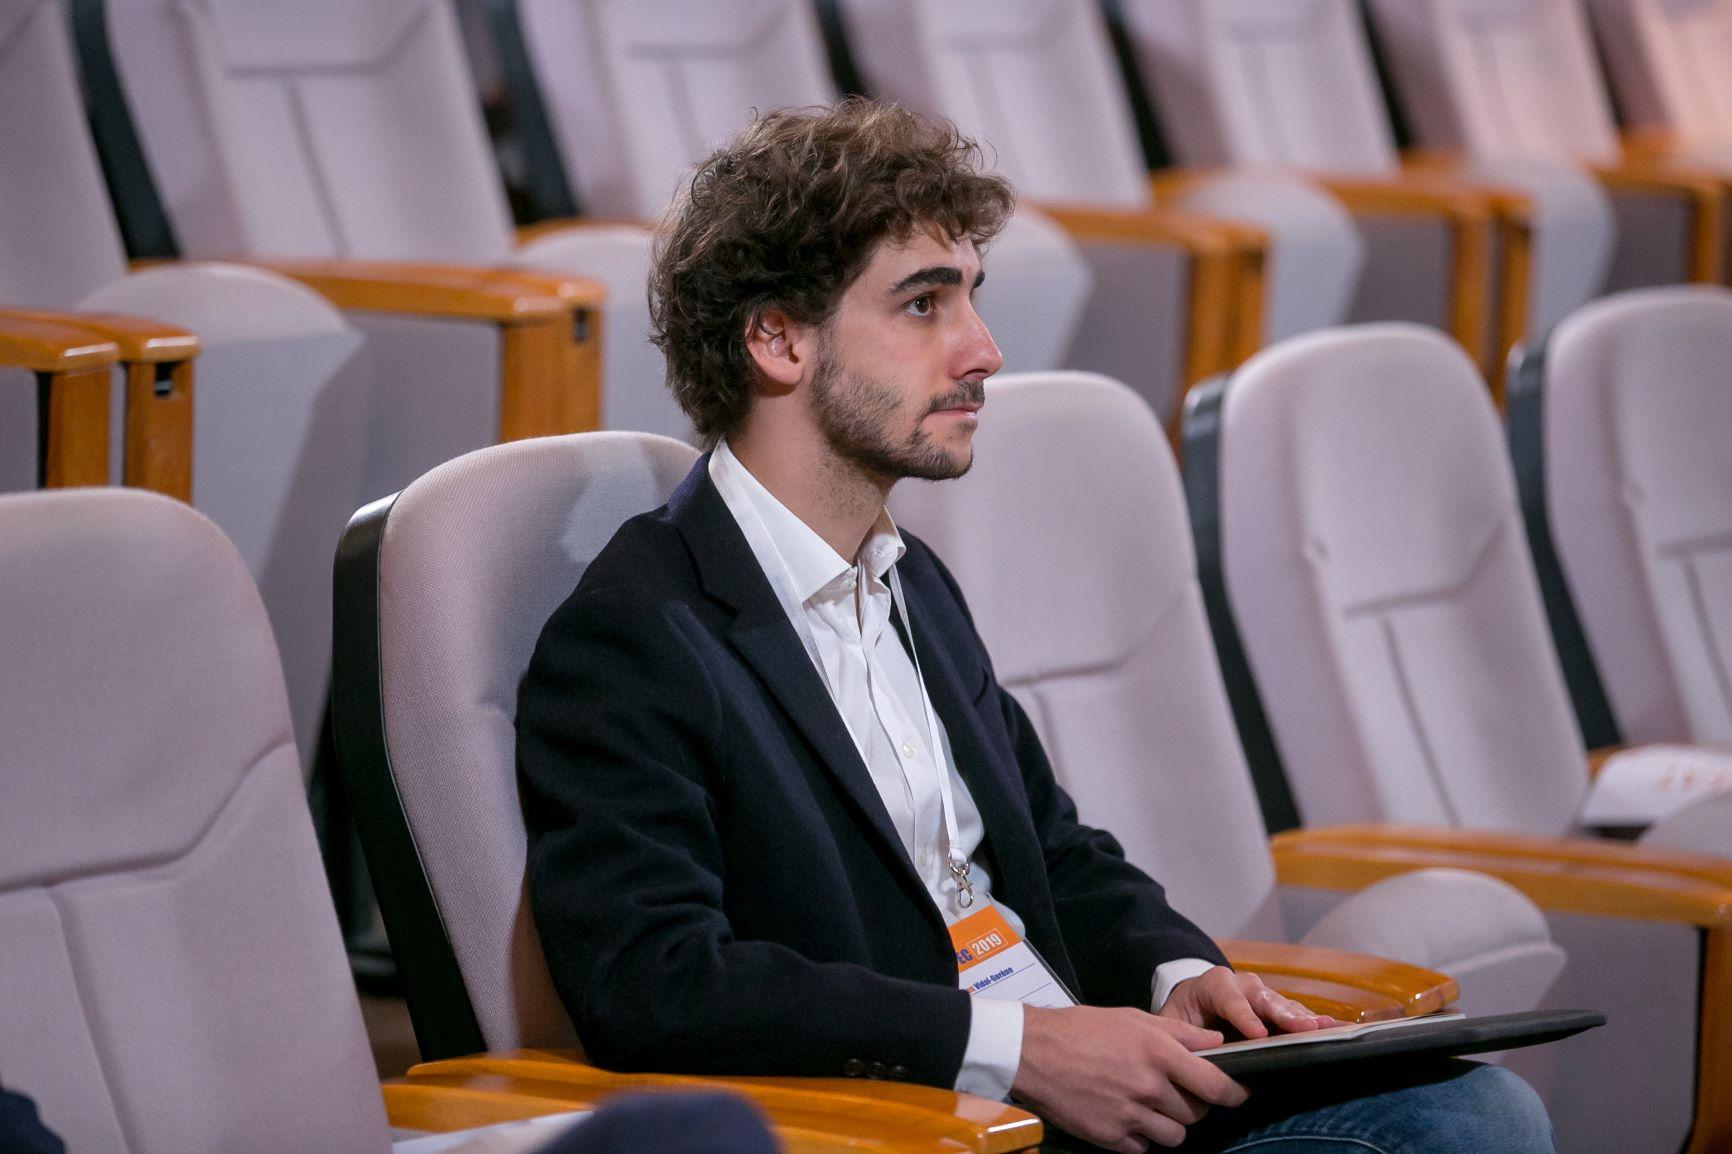 Чахан Відаль-Горен з Франції готується розповісти про використання штучного інтелекту для збереження культурної спадщини